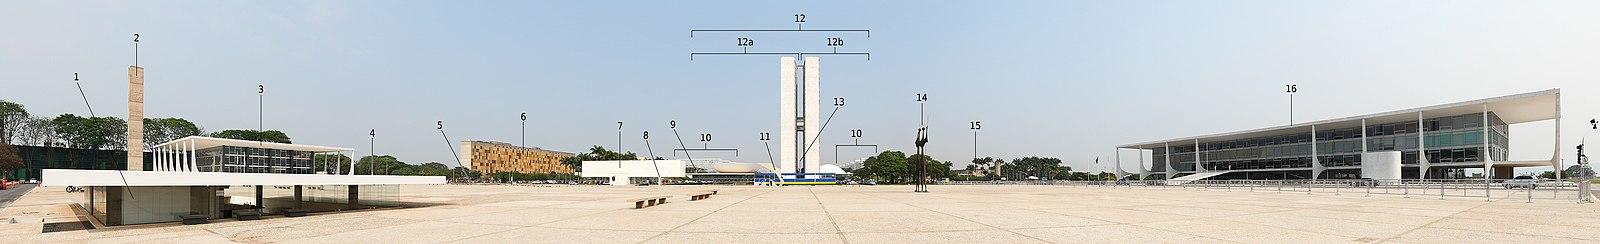 Vista panorâmica da Praça dos Três Poderes: a esquerda o Supremo Tribunal Federal (3), no centro o Congresso Nacional – (12) e a direita o Palácio do Planalto (16)